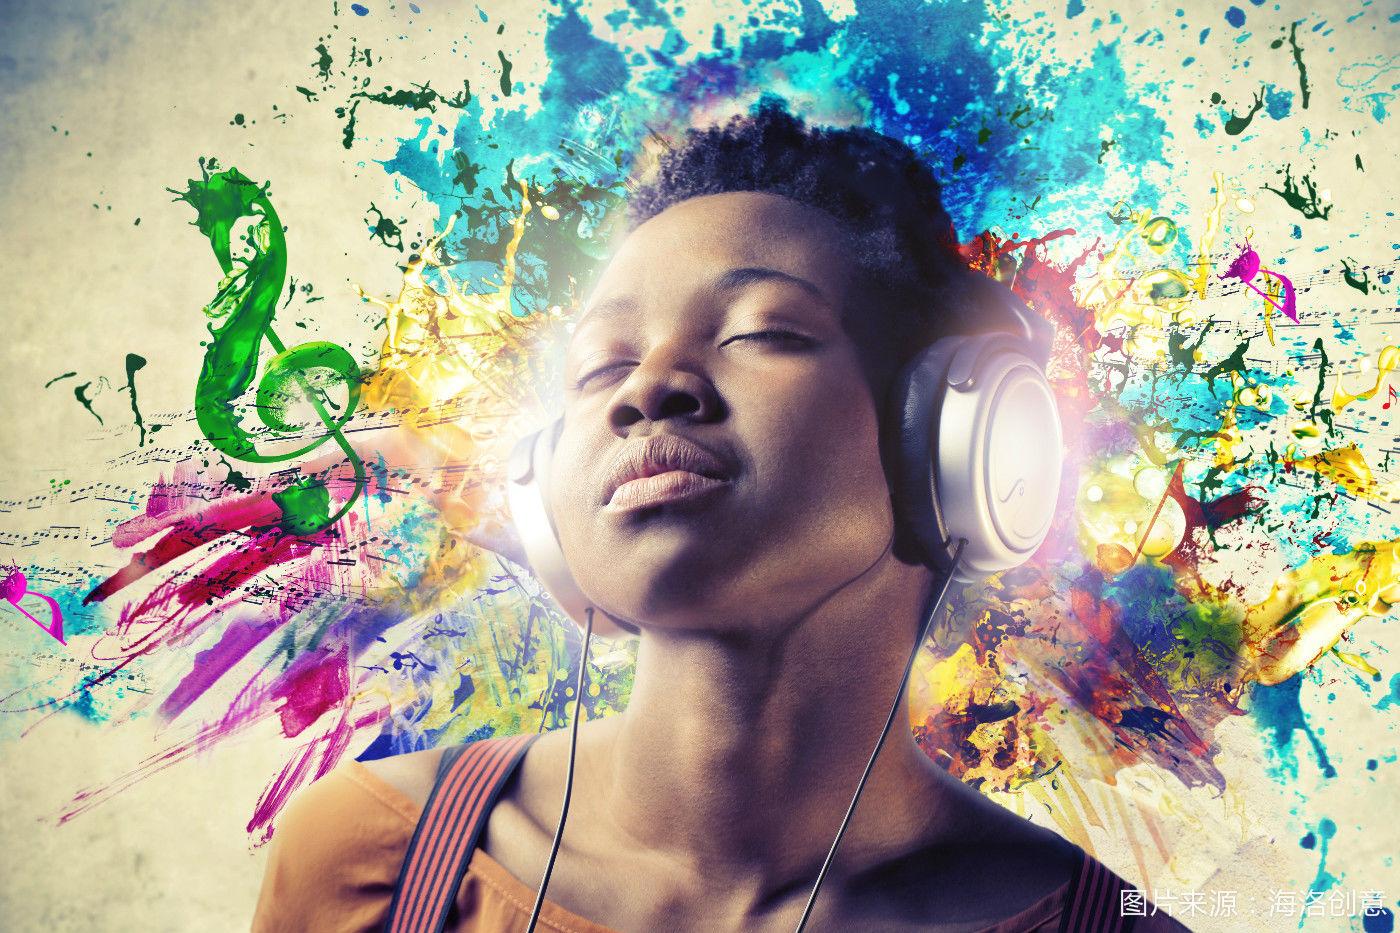 被下架的歌曲、版权战争与我们热爱的音乐